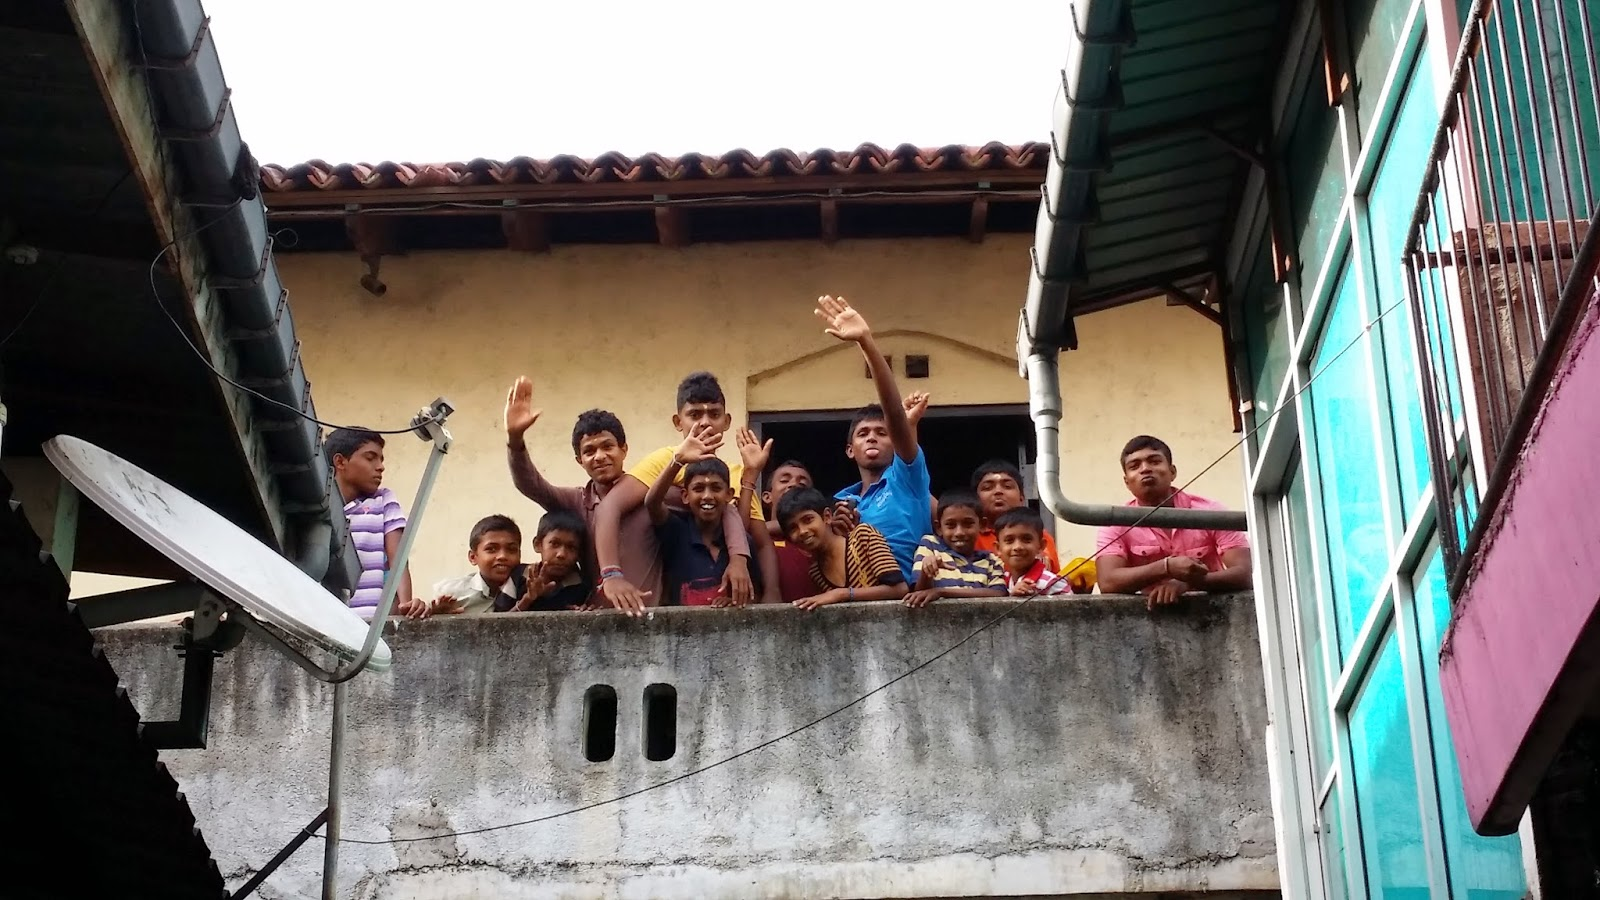 Niños en la celebración del Esala Perahera de Kandy (Sri Lanka)